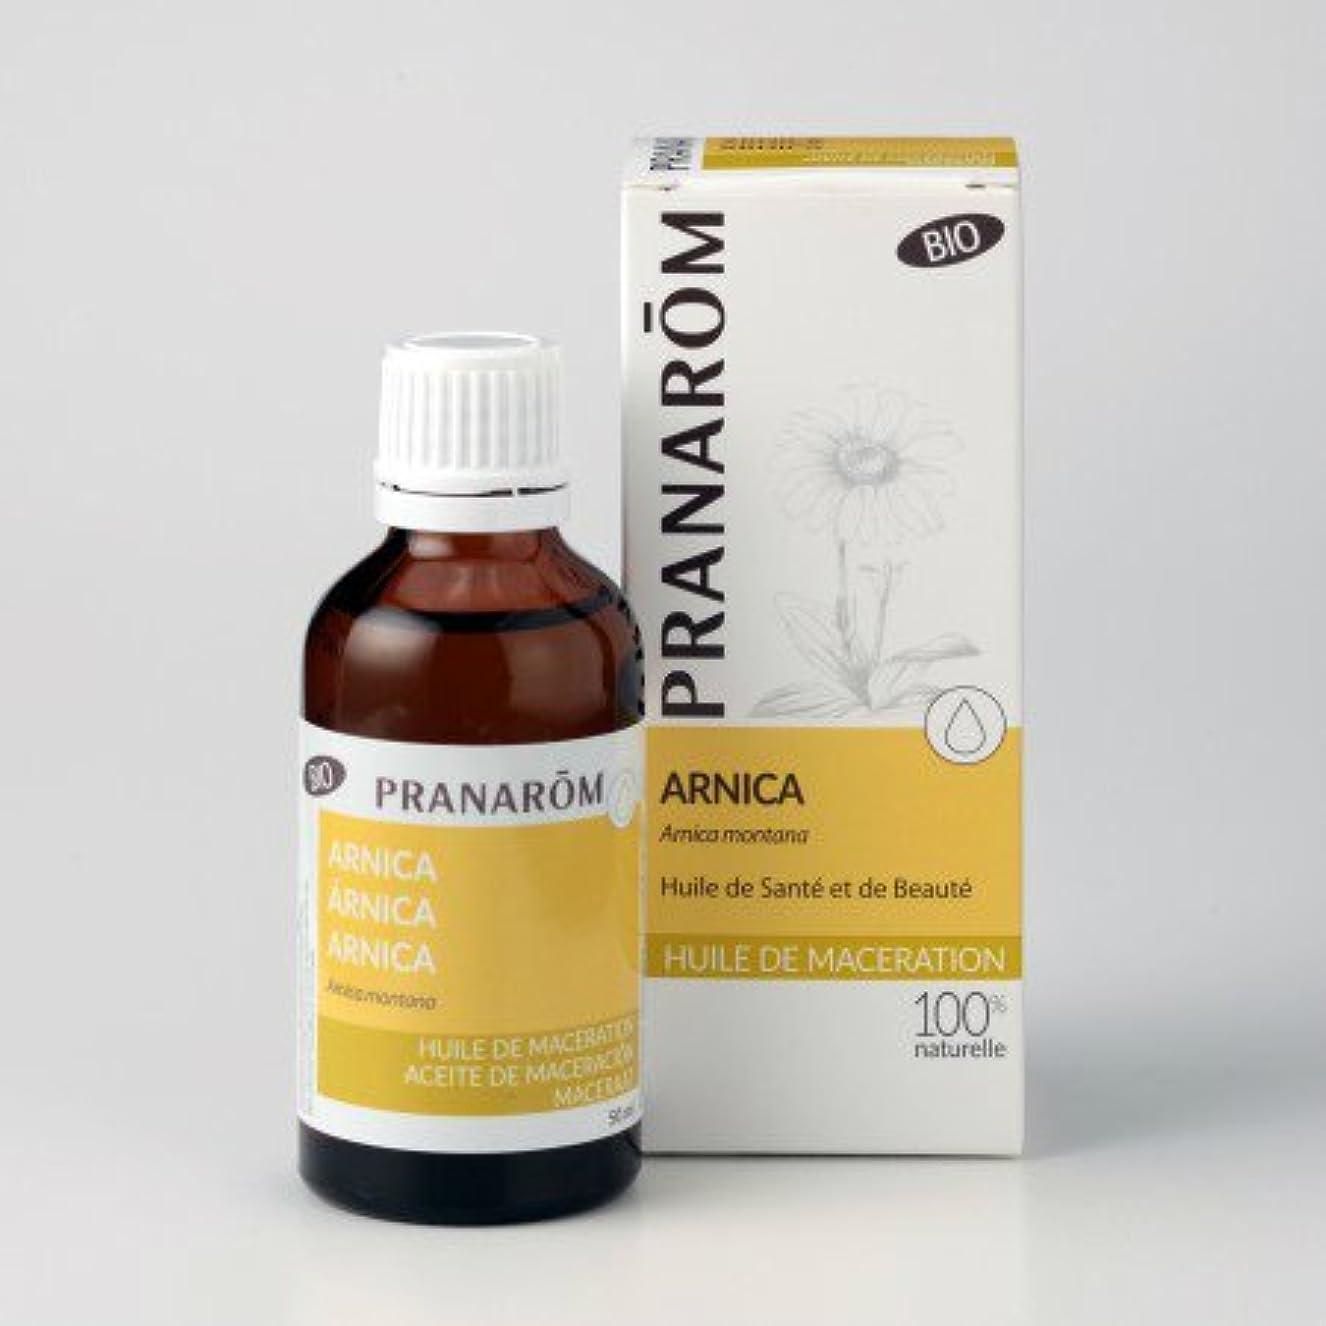 維持できれば原因プラナロム アルニカオイル 50ml (PRANAROM 植物油)